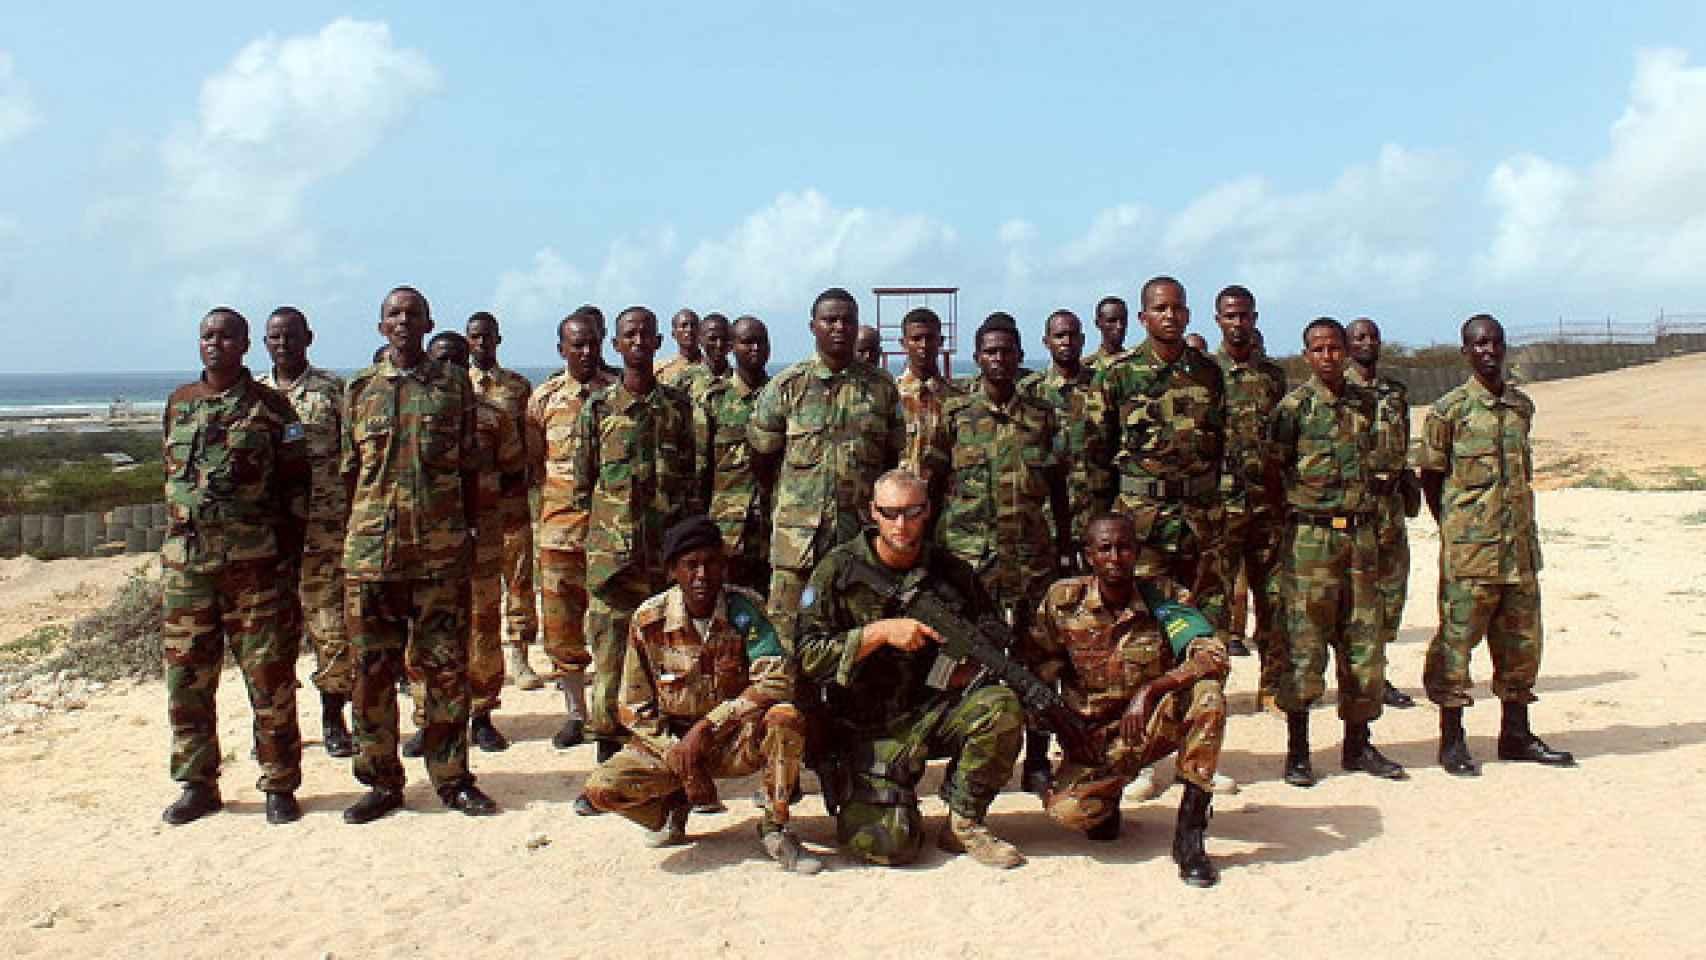 Efectivos somalíes posan junto a un militar español.